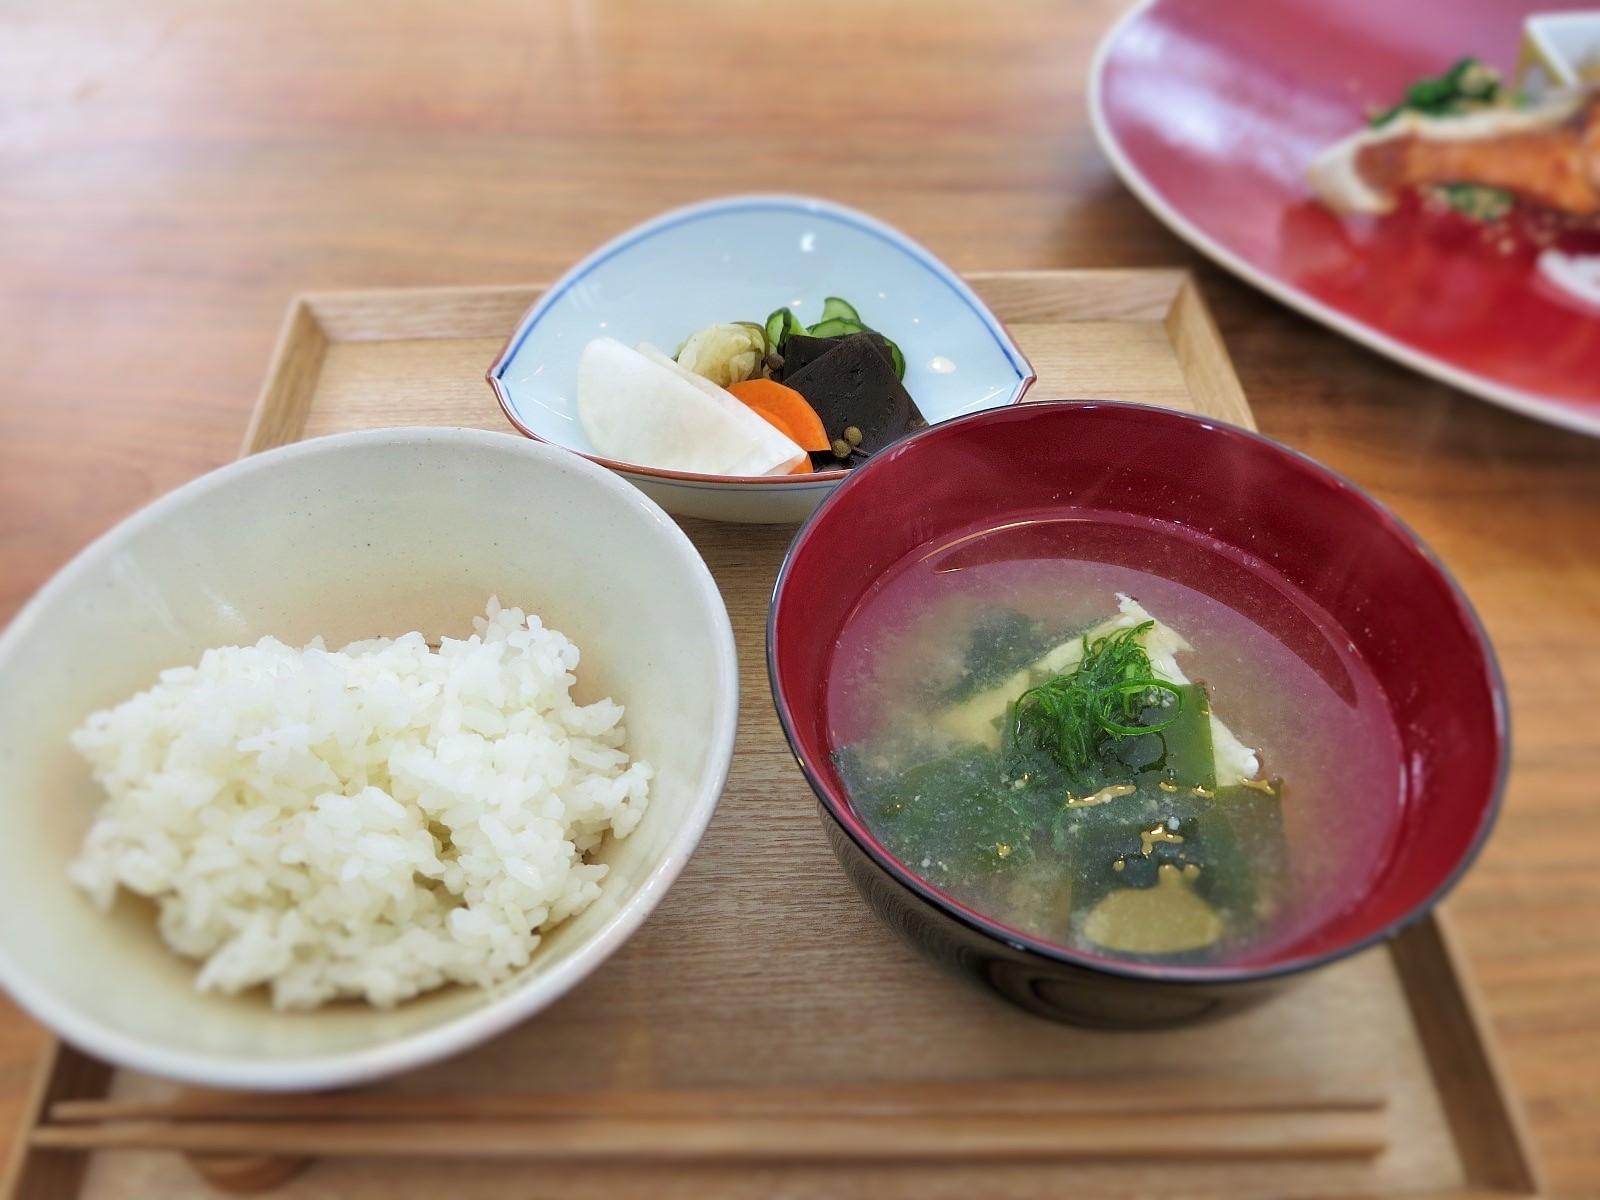 朝食&ブランチ☆食堂 takizawa NEW OPEN!@追分_f0236260_18361377.jpg